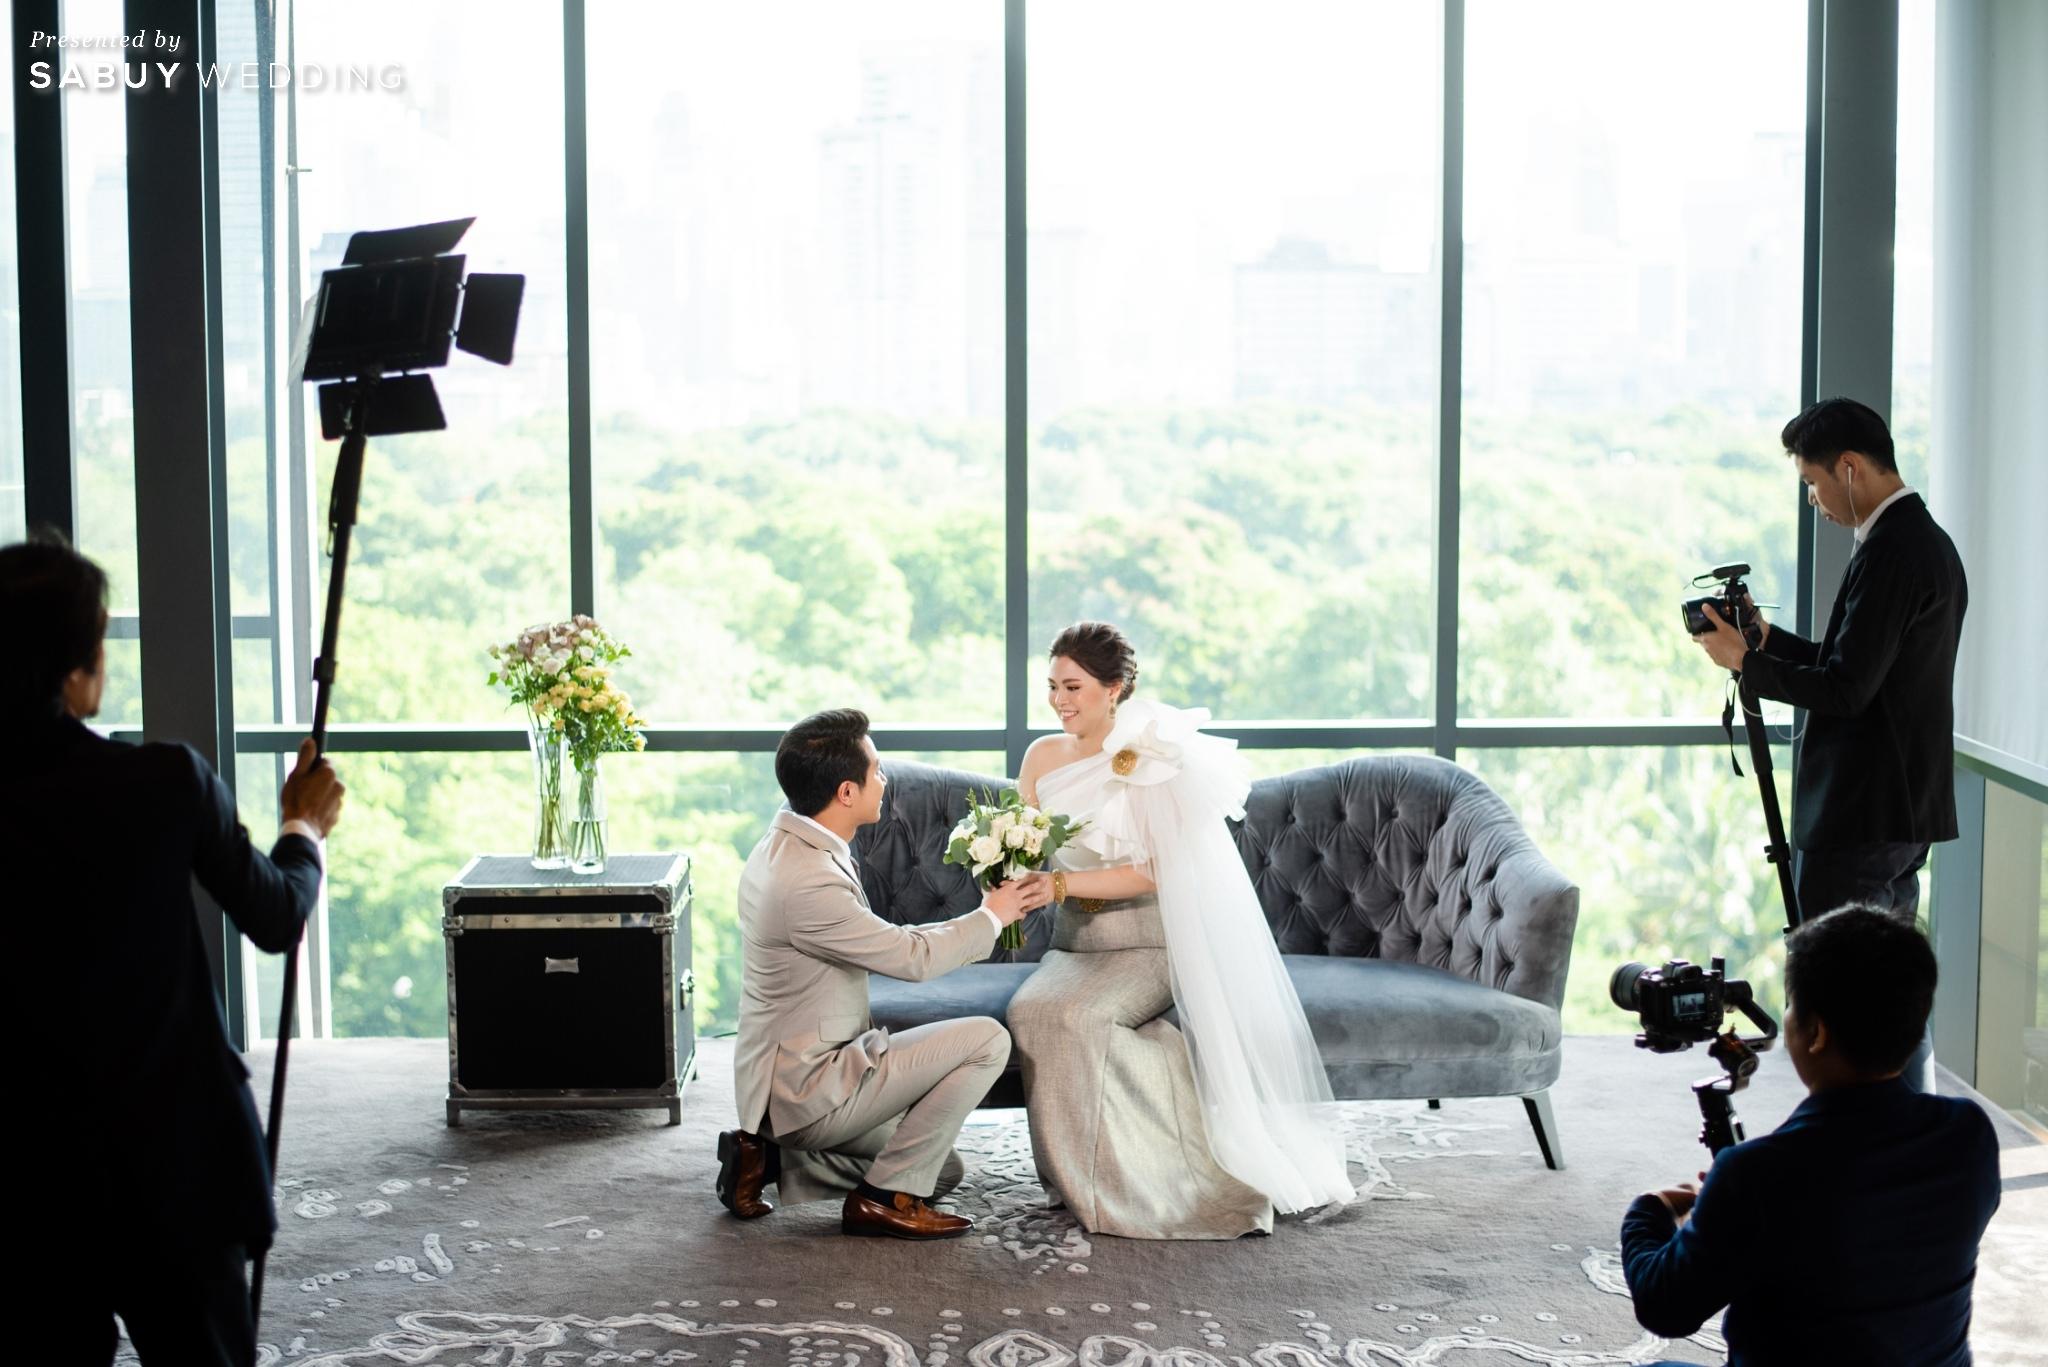 เจ้าบ่าว,เจ้าสาว,ชุดแต่งงาน,ดอกไม้เจ้าสาว รีวิวงานแต่งฟีล Luxury สวยดูดีด้วยโทนสีเบจ @ SO/ BANGKOK